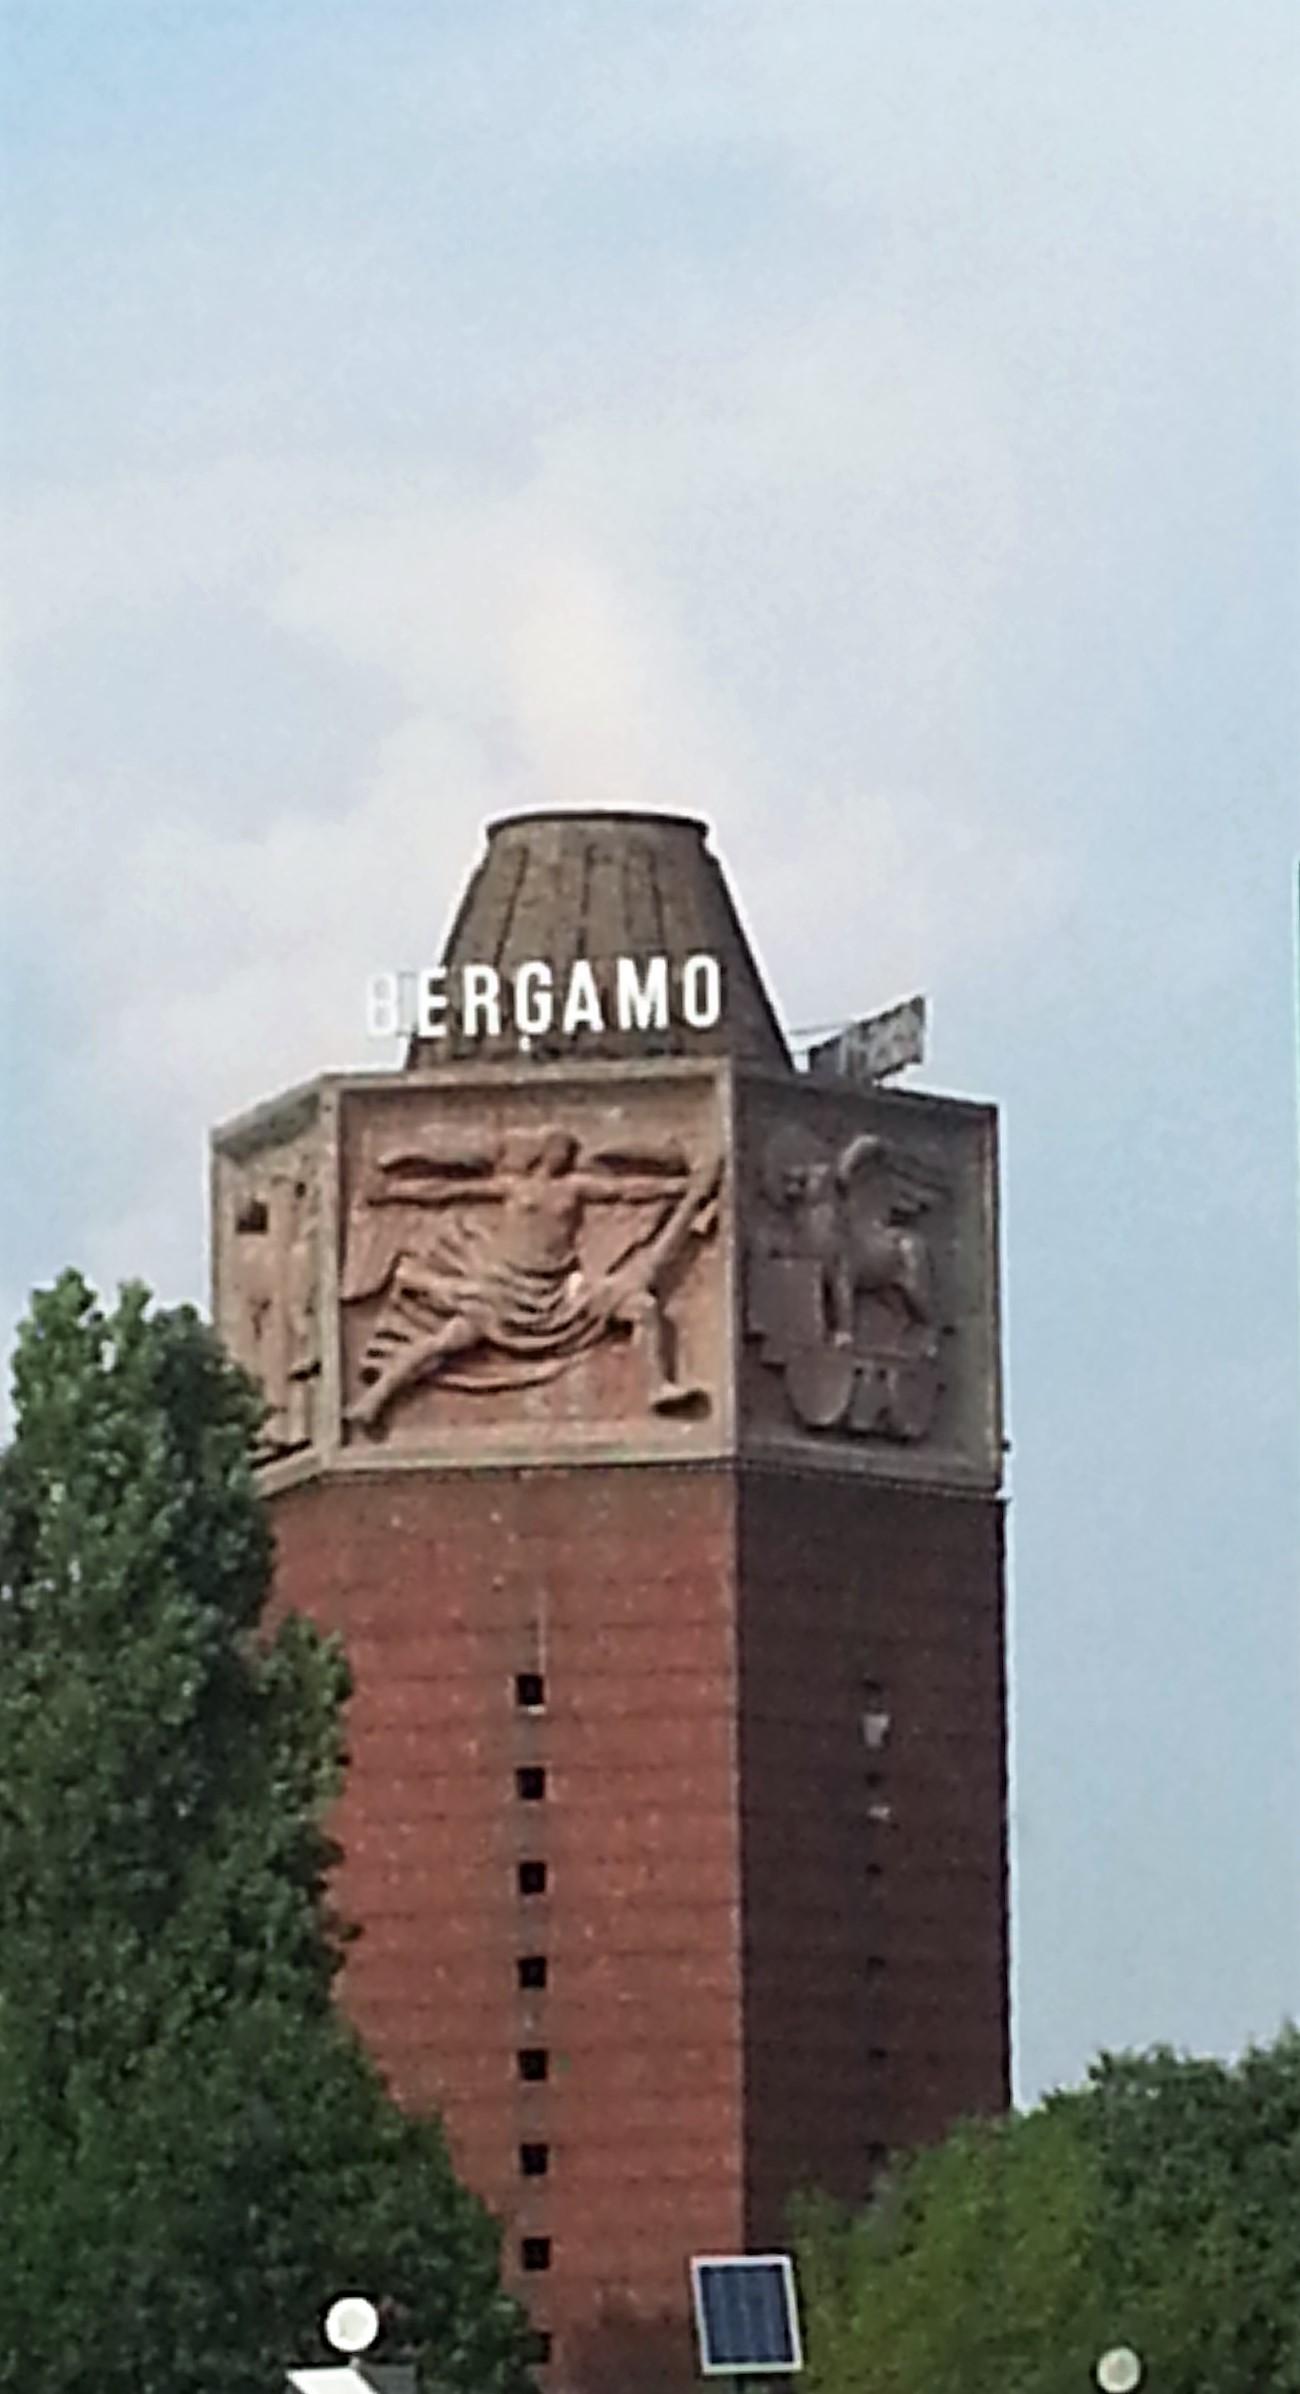 Architetti A Bergamo alziro bergonzo - wikipedia